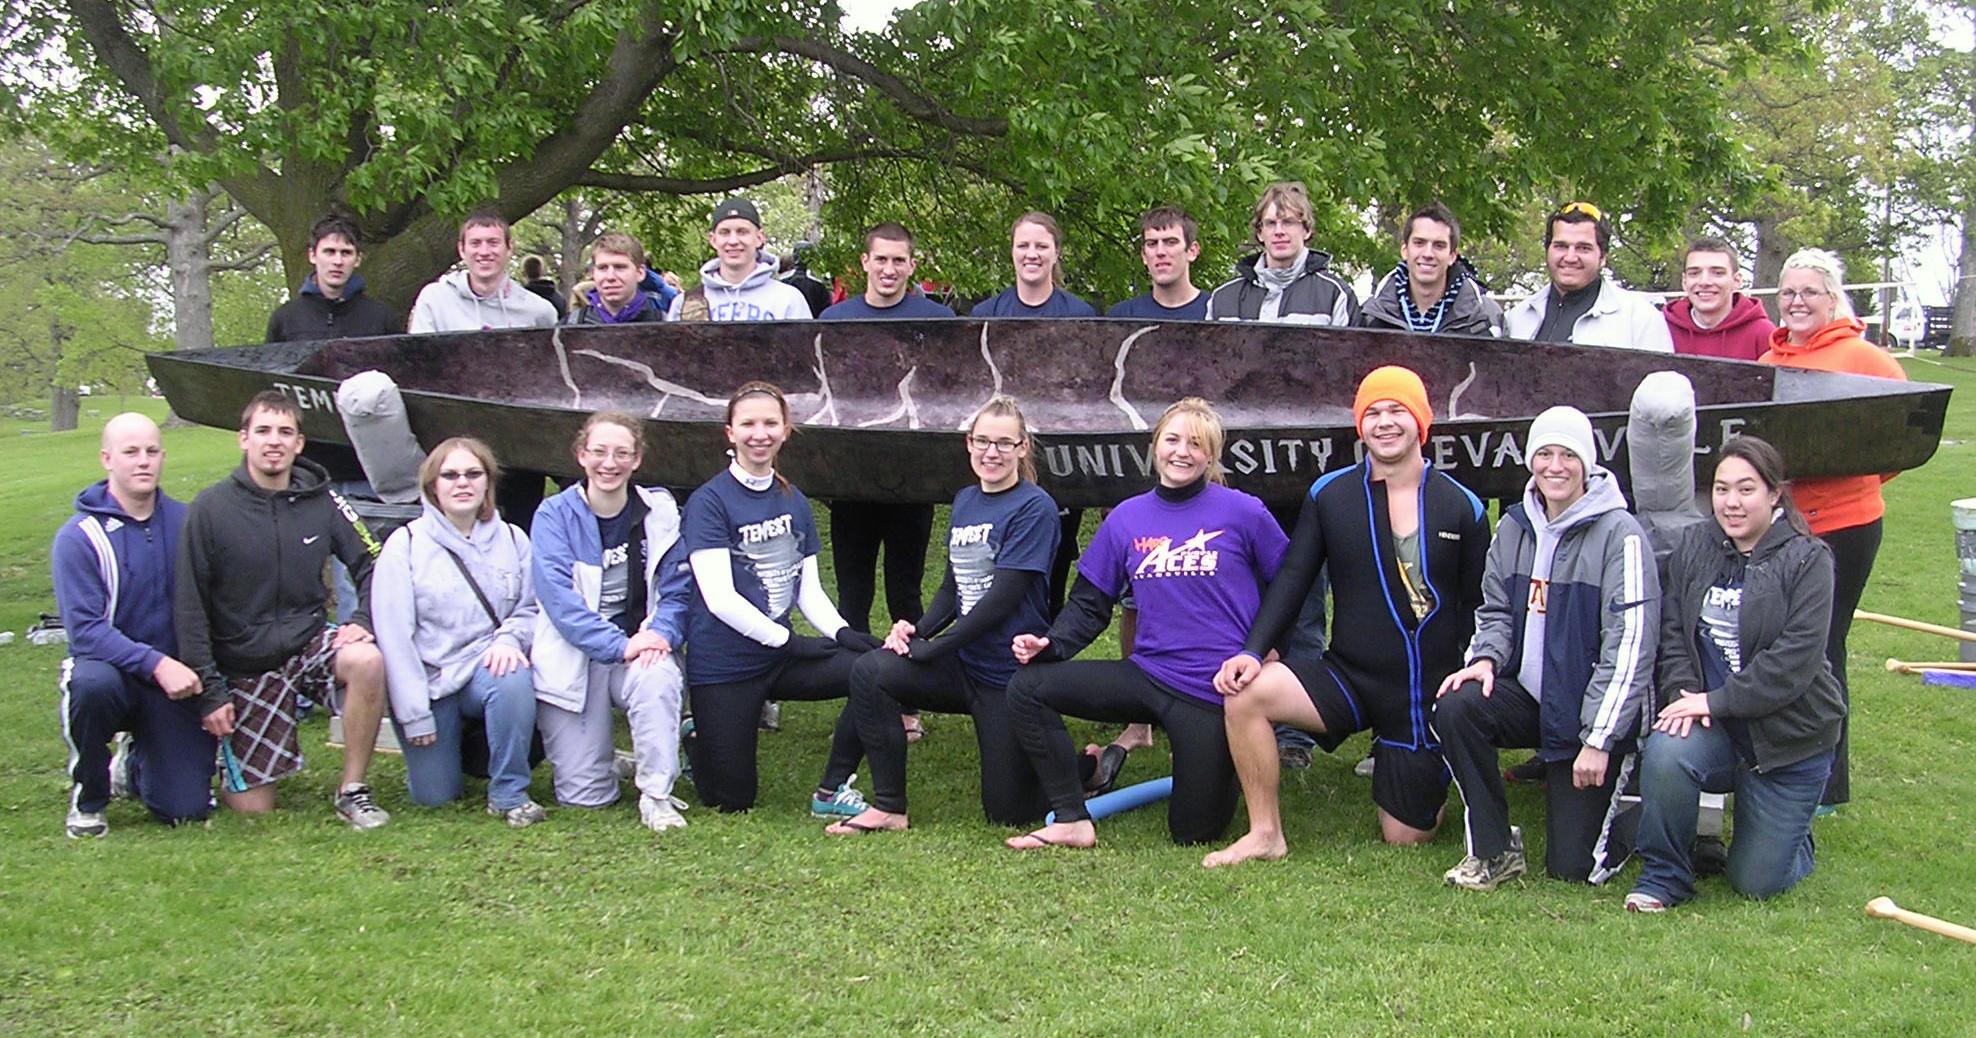 Ue concrete canoe 2012